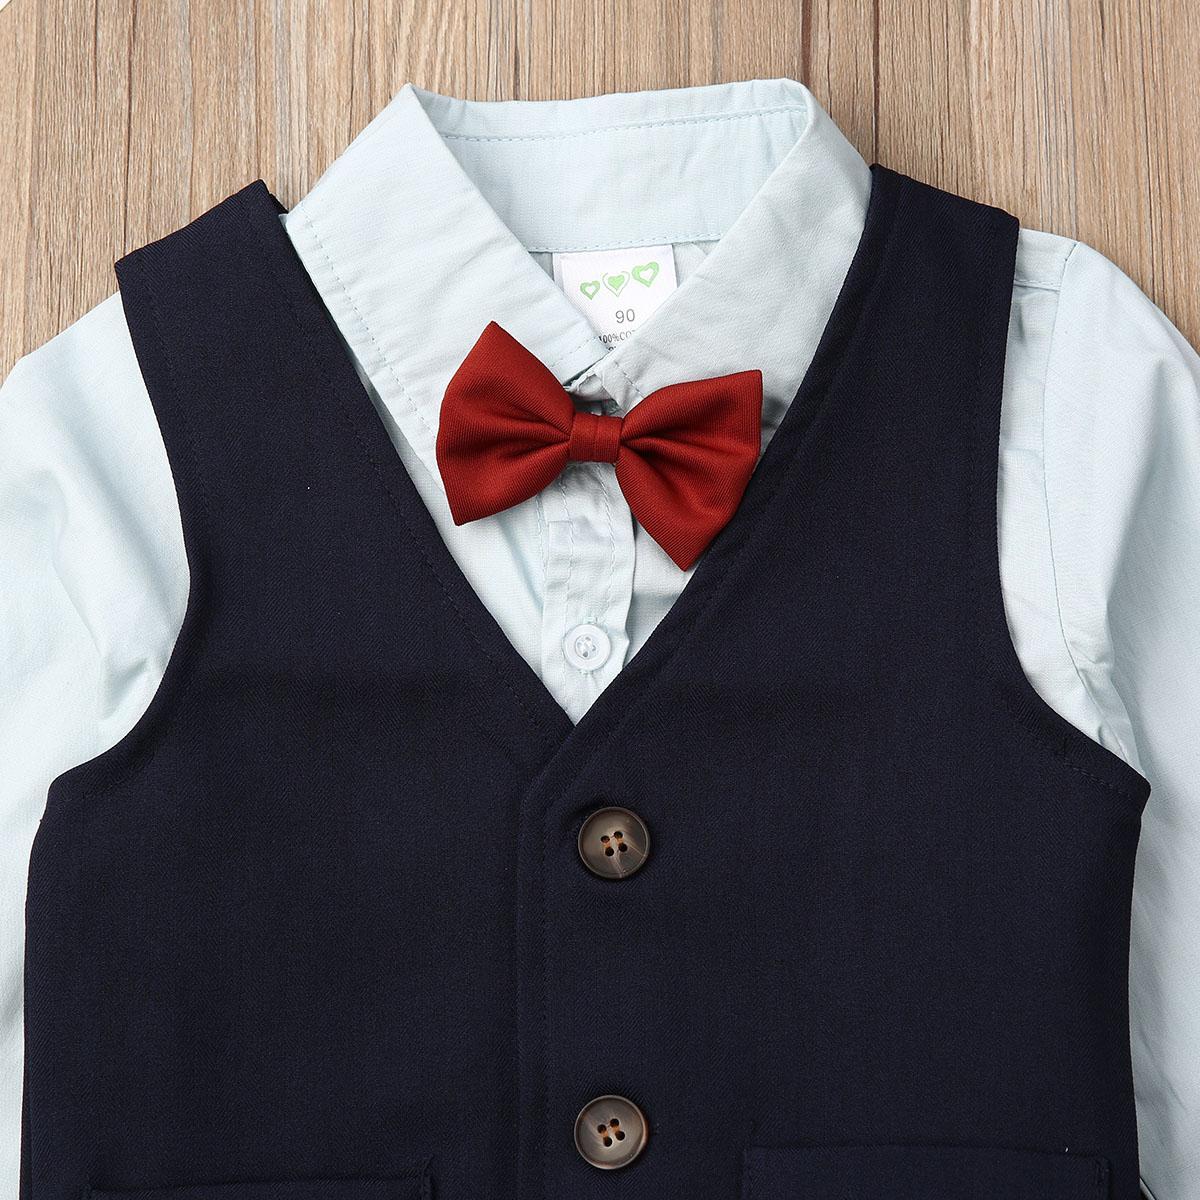 Формальные дети Baby Boy Джентльмены костюмы галстук-бабочка + рубашки+жилет+брюки 4шт формальные партии костюм наряды ребенок мальчик костюмы 1-7 лет